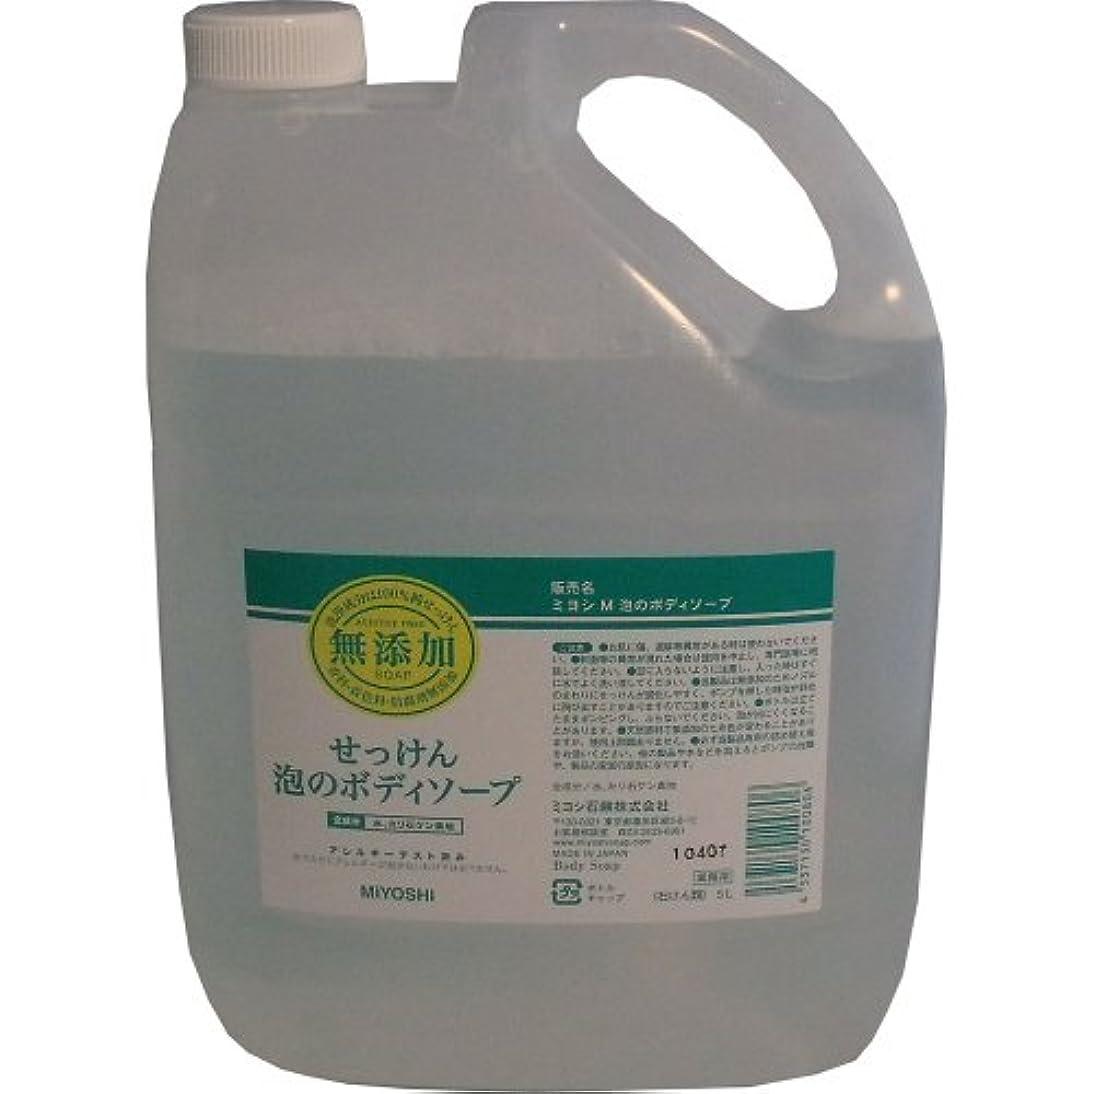 枕最初は定義するミヨシ石鹸 業務用 無添加せっけん 泡のボディソープ 詰め替え用 5Lサイズ×4点セット